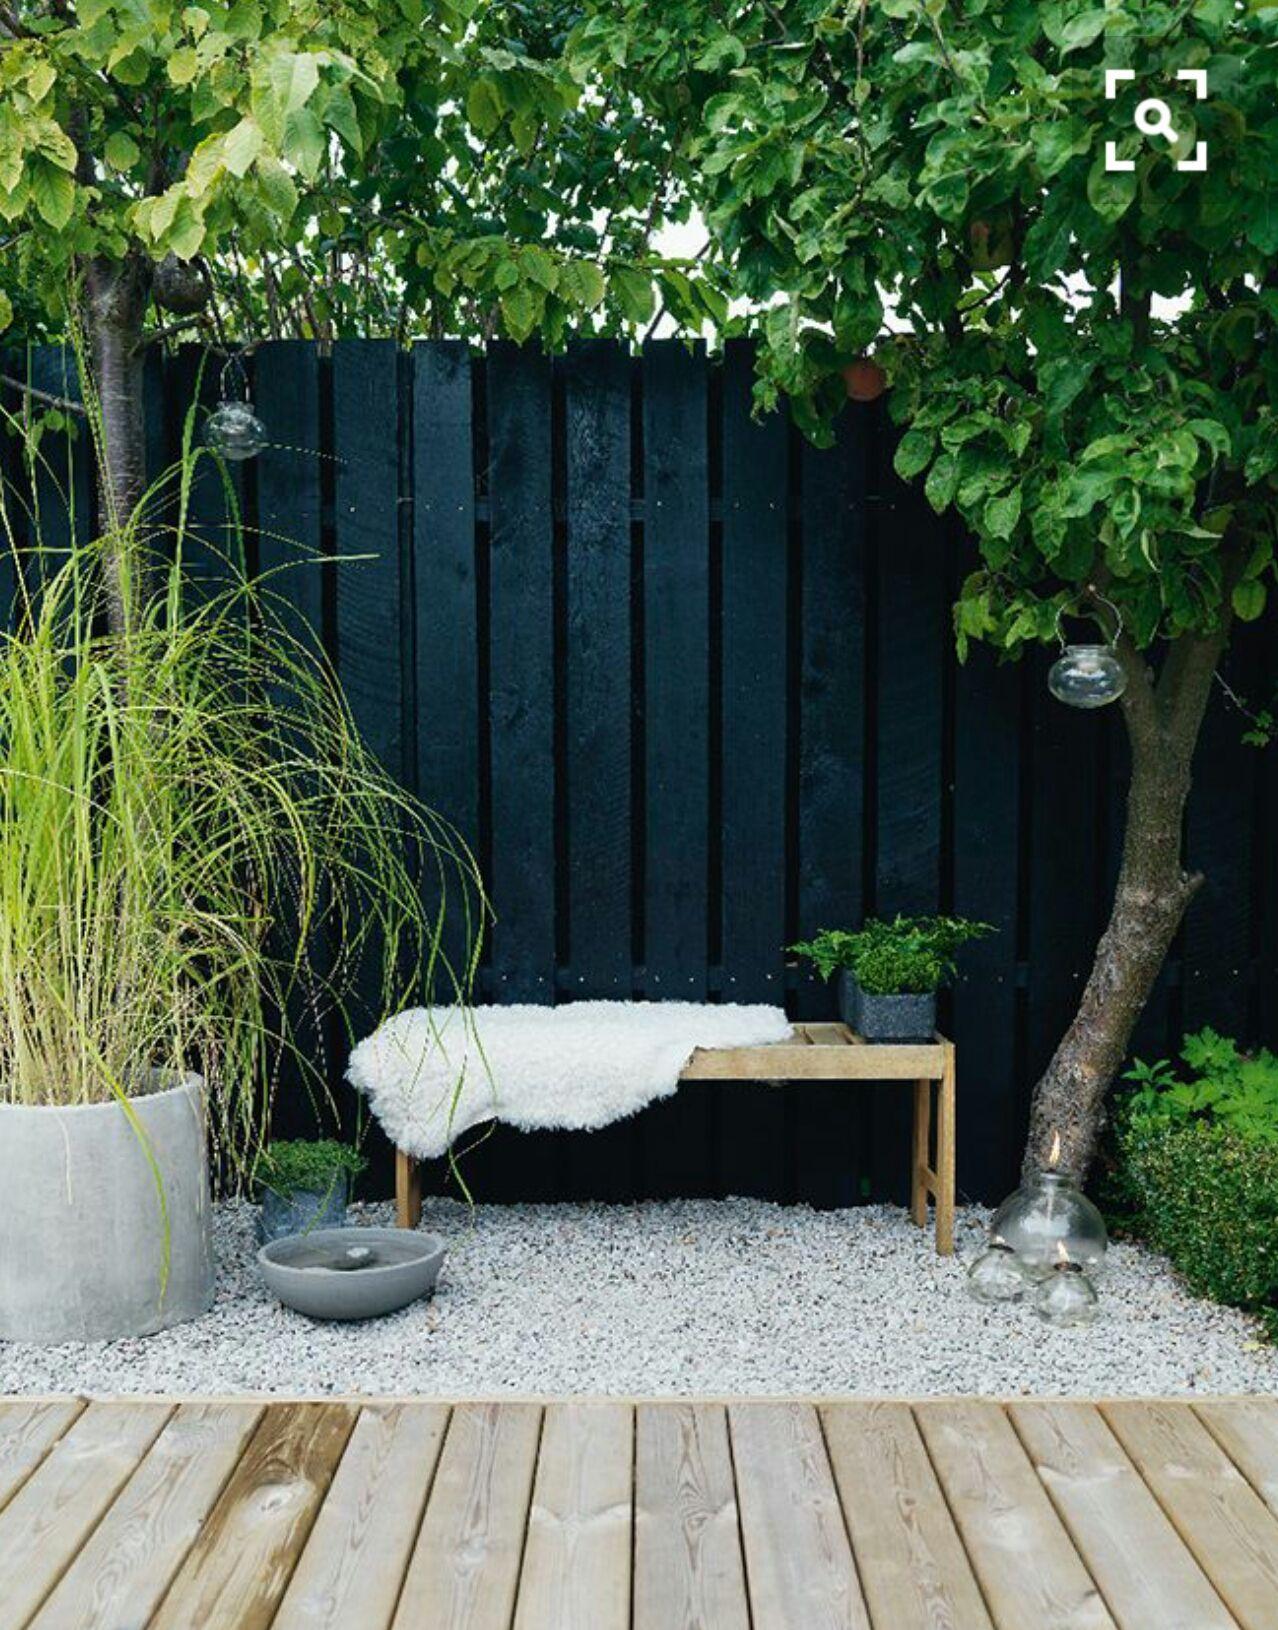 black garden fence and decking schwarzer gartenzaun und decking black garden fence and decking Destiny black garden Rocks black garden black garden All